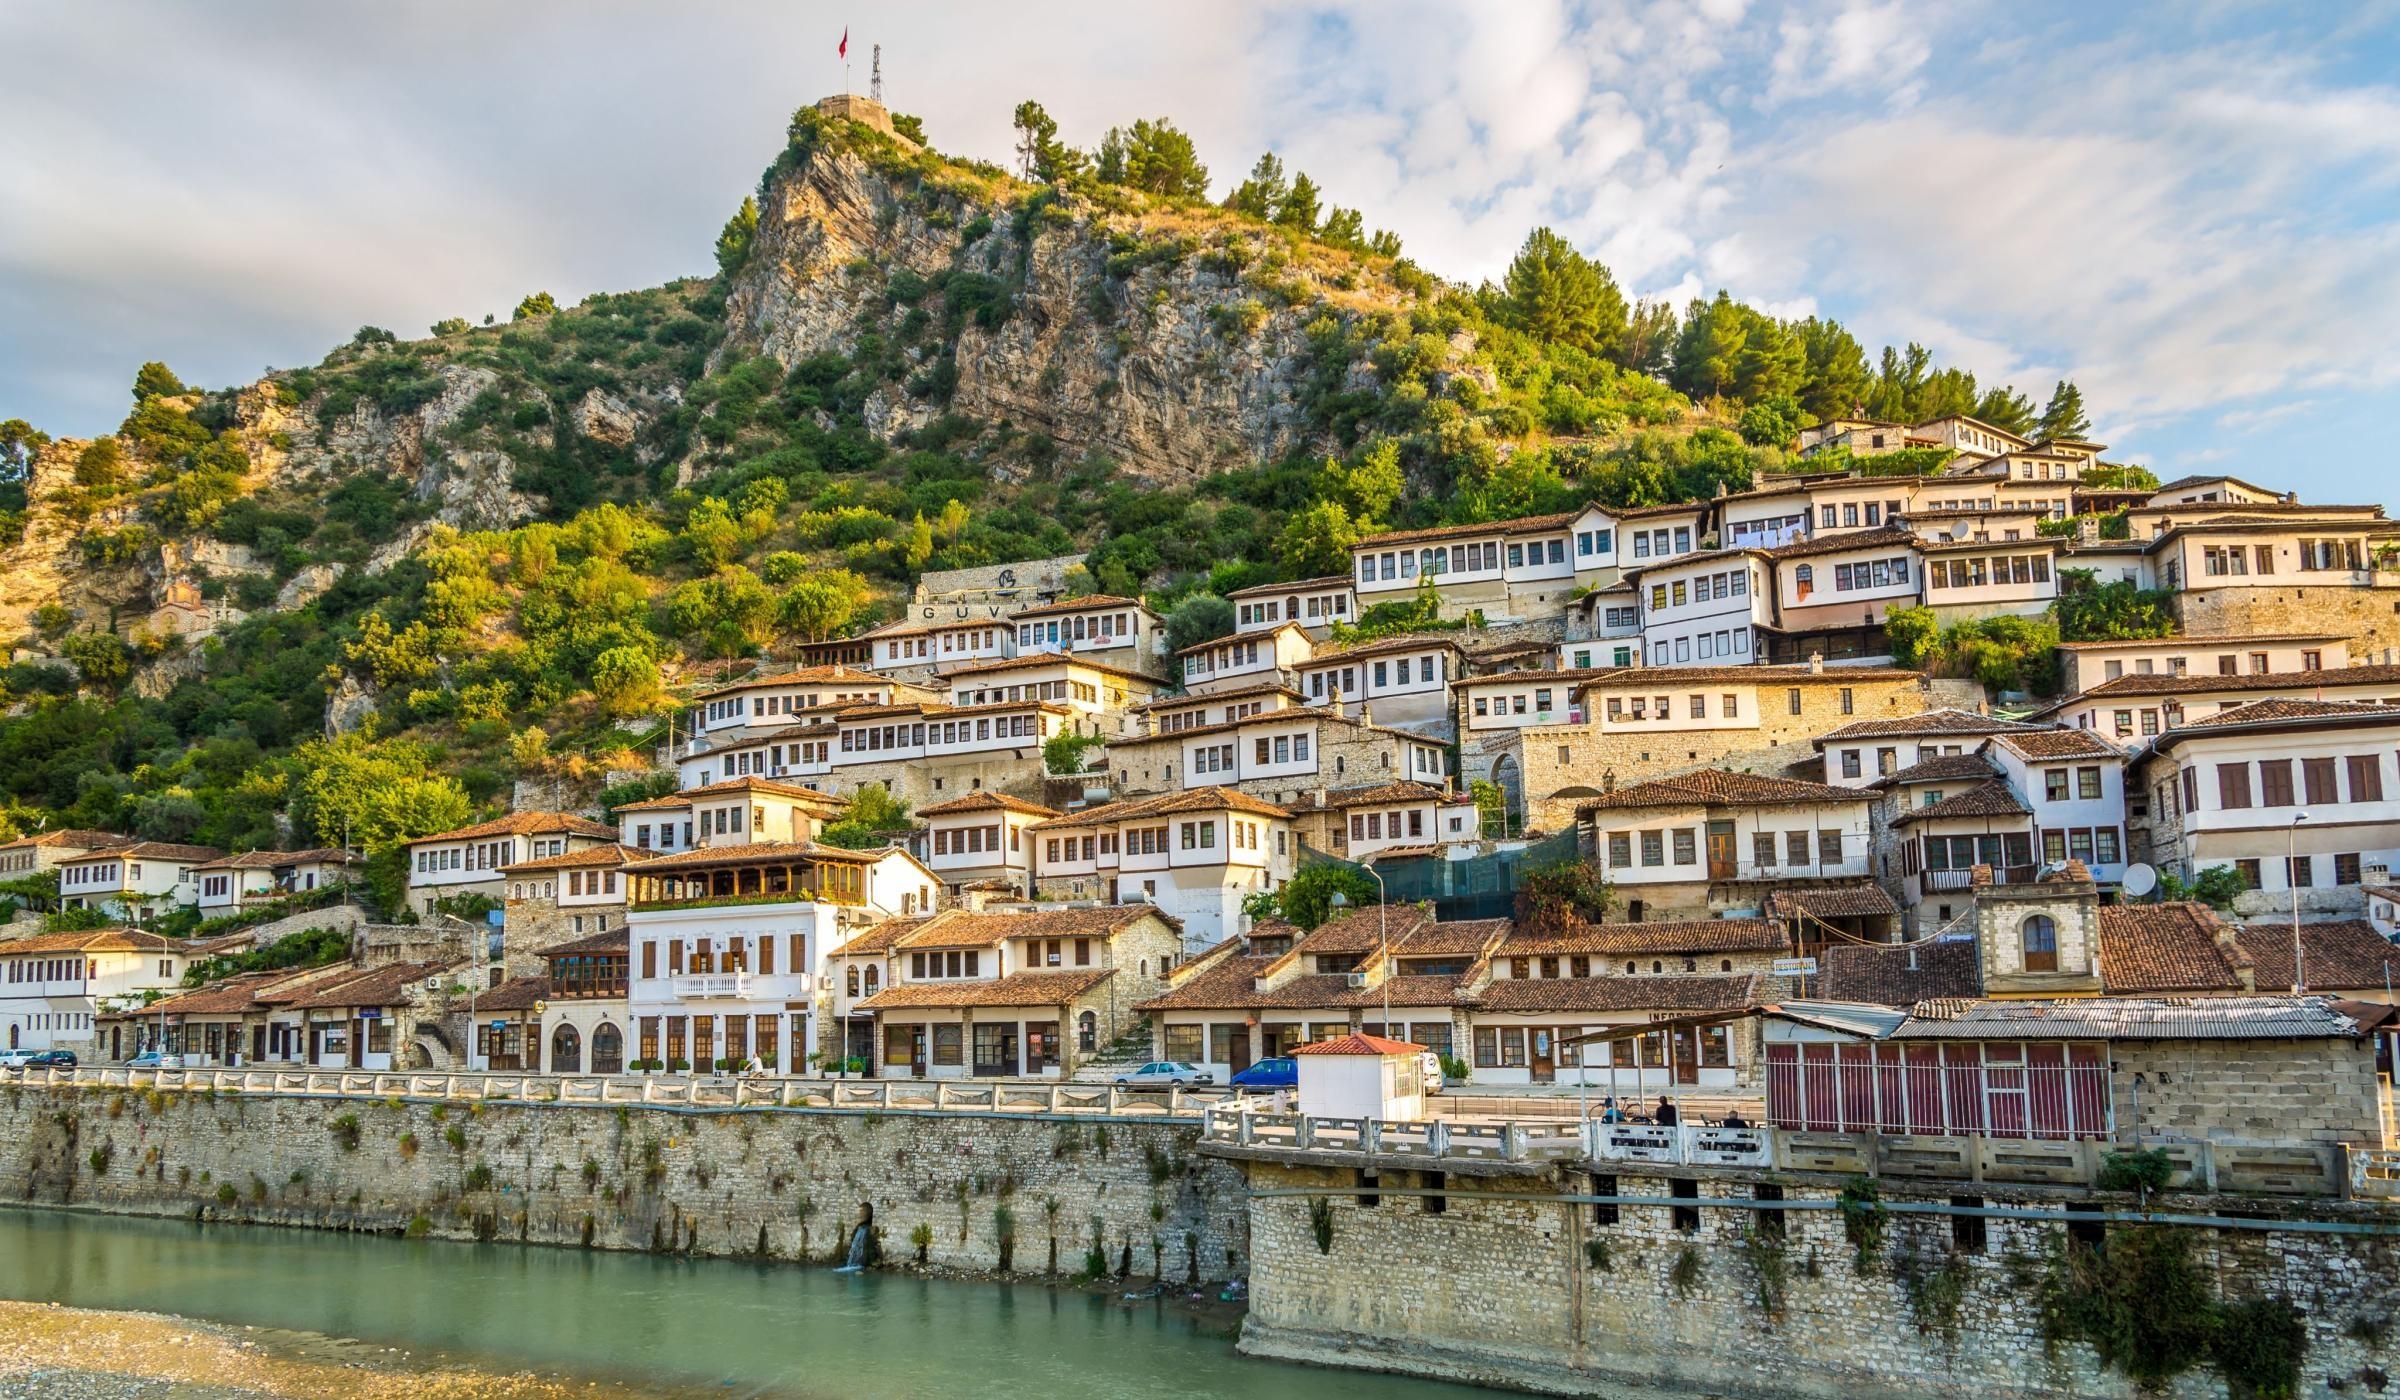 Udhëtimi në qytetin e një mbi një dritareve,Berat